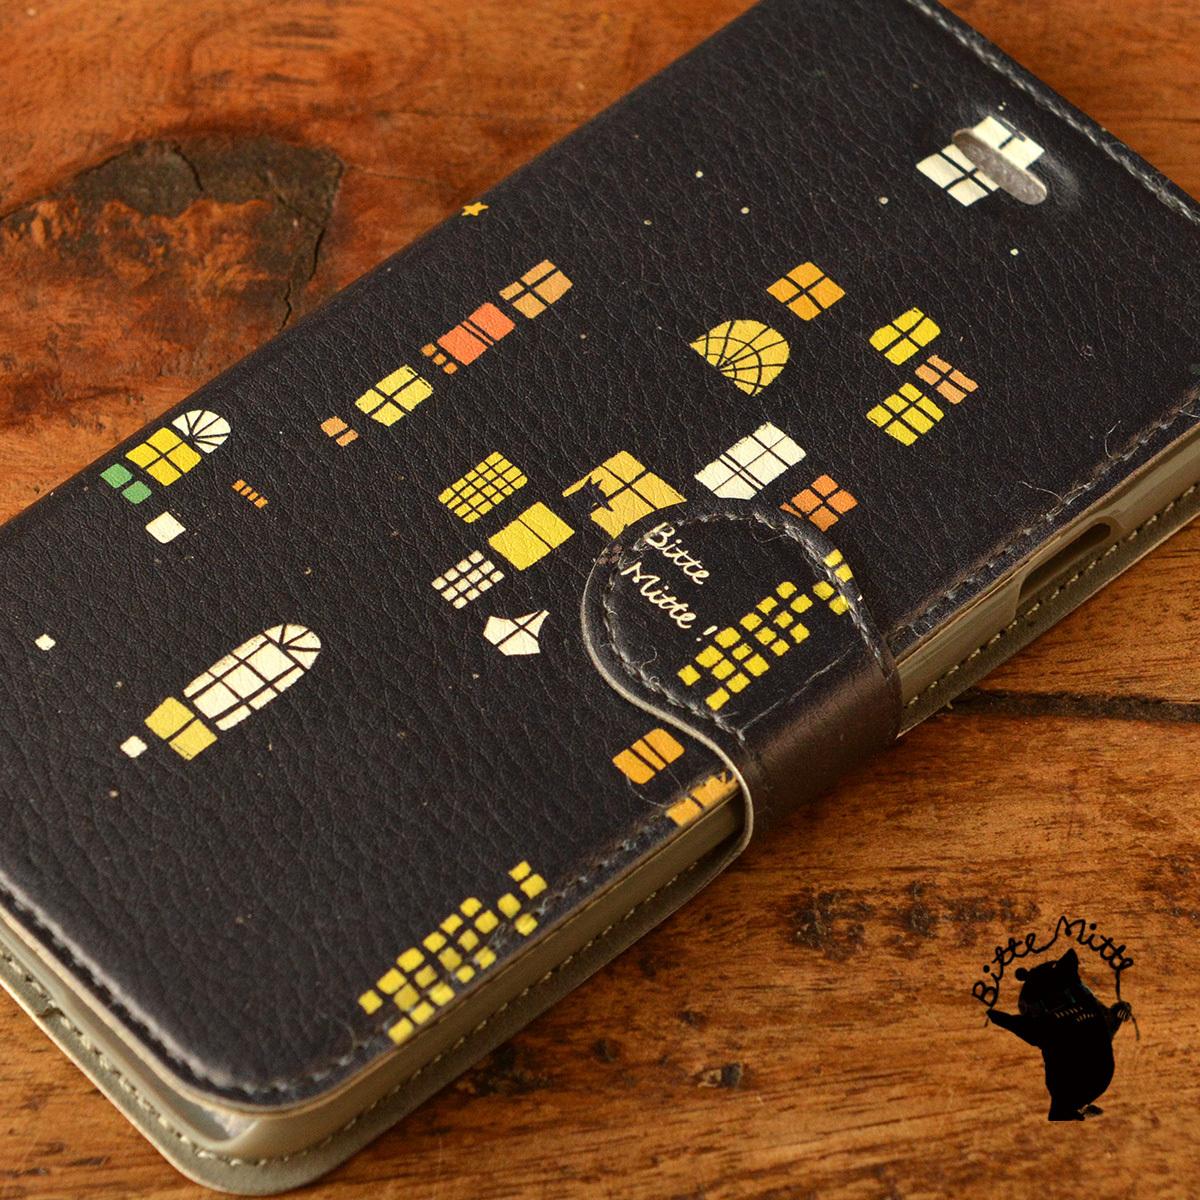 【訳あり】iphone6s ケース 手帳型 アイフォン6sケース 手帳型 おしゃれ iphone6s ケース 手帳 おしゃれ 女子 マグネット 夜のおはなし/Bitte Mitte!【bm-iph6t-08024-B7】